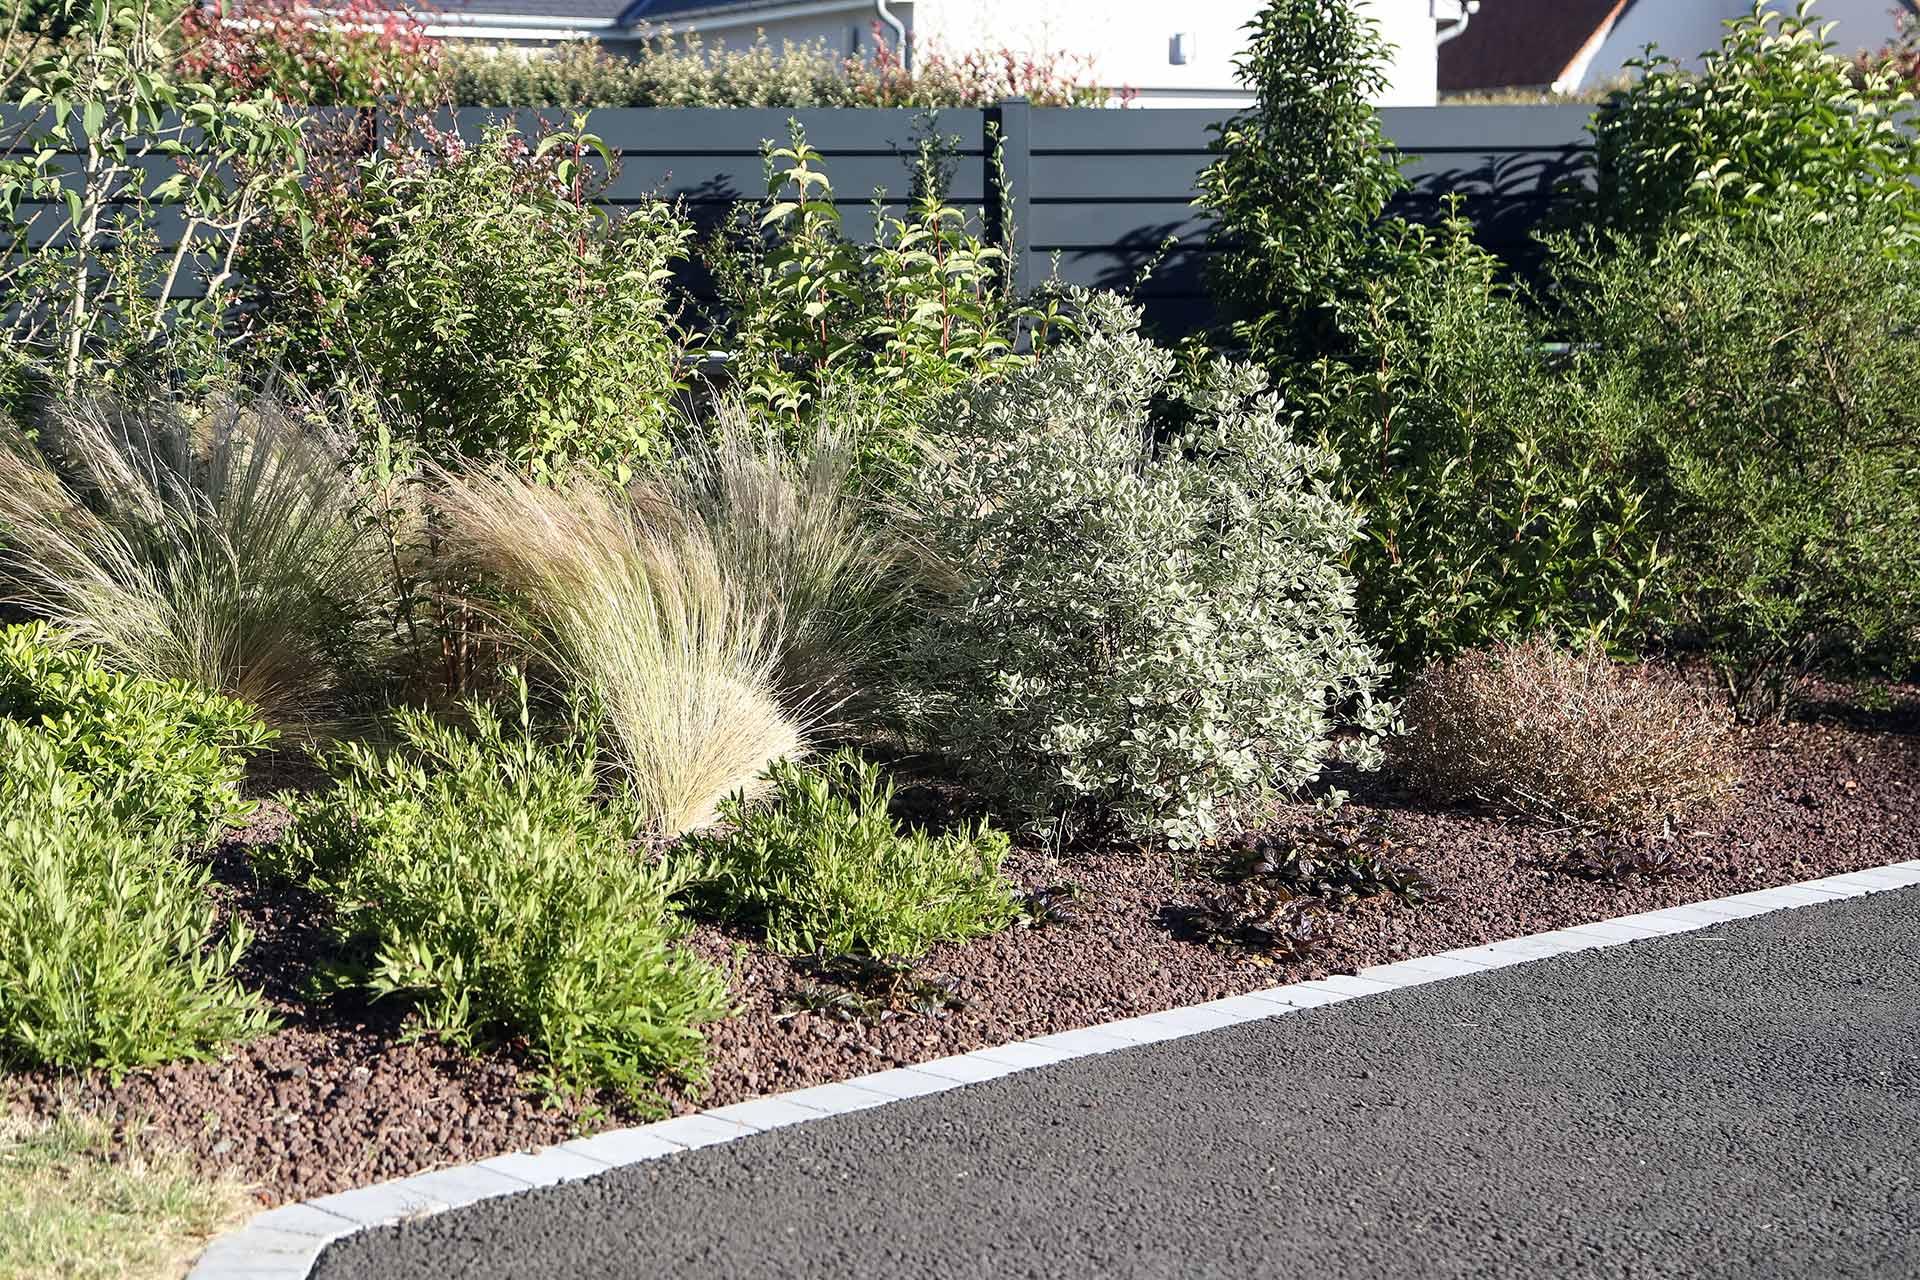 Entreprise de paysage, Serrault Jardins est spécialisé dans l'aménagement paysager.